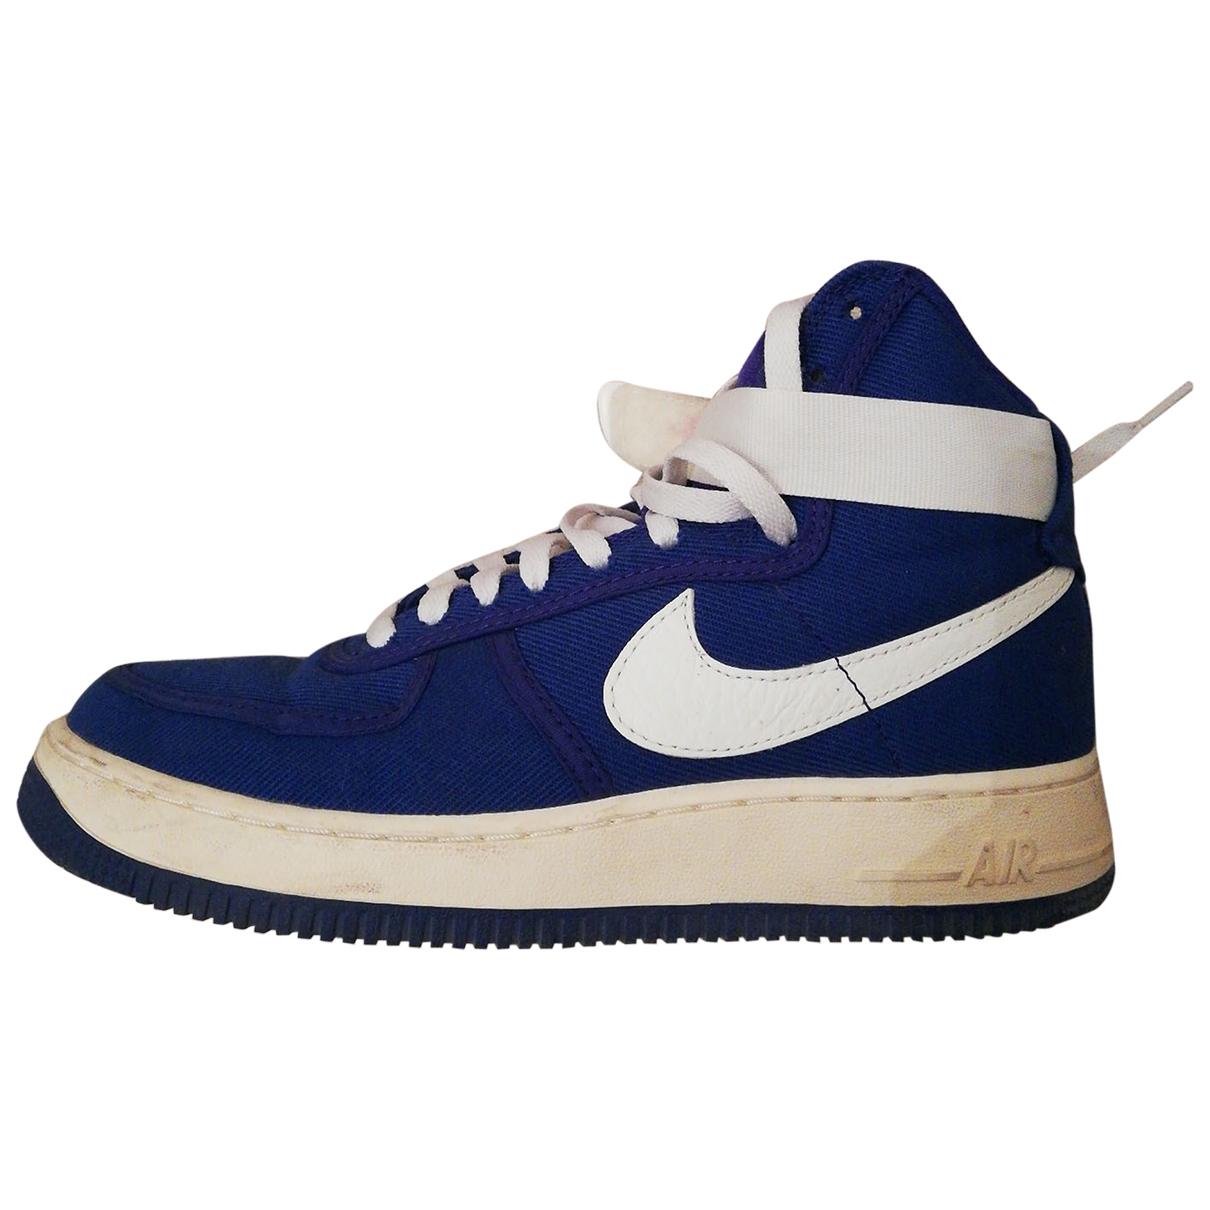 Nike - Baskets Air Force 1 pour femme en toile - bleu